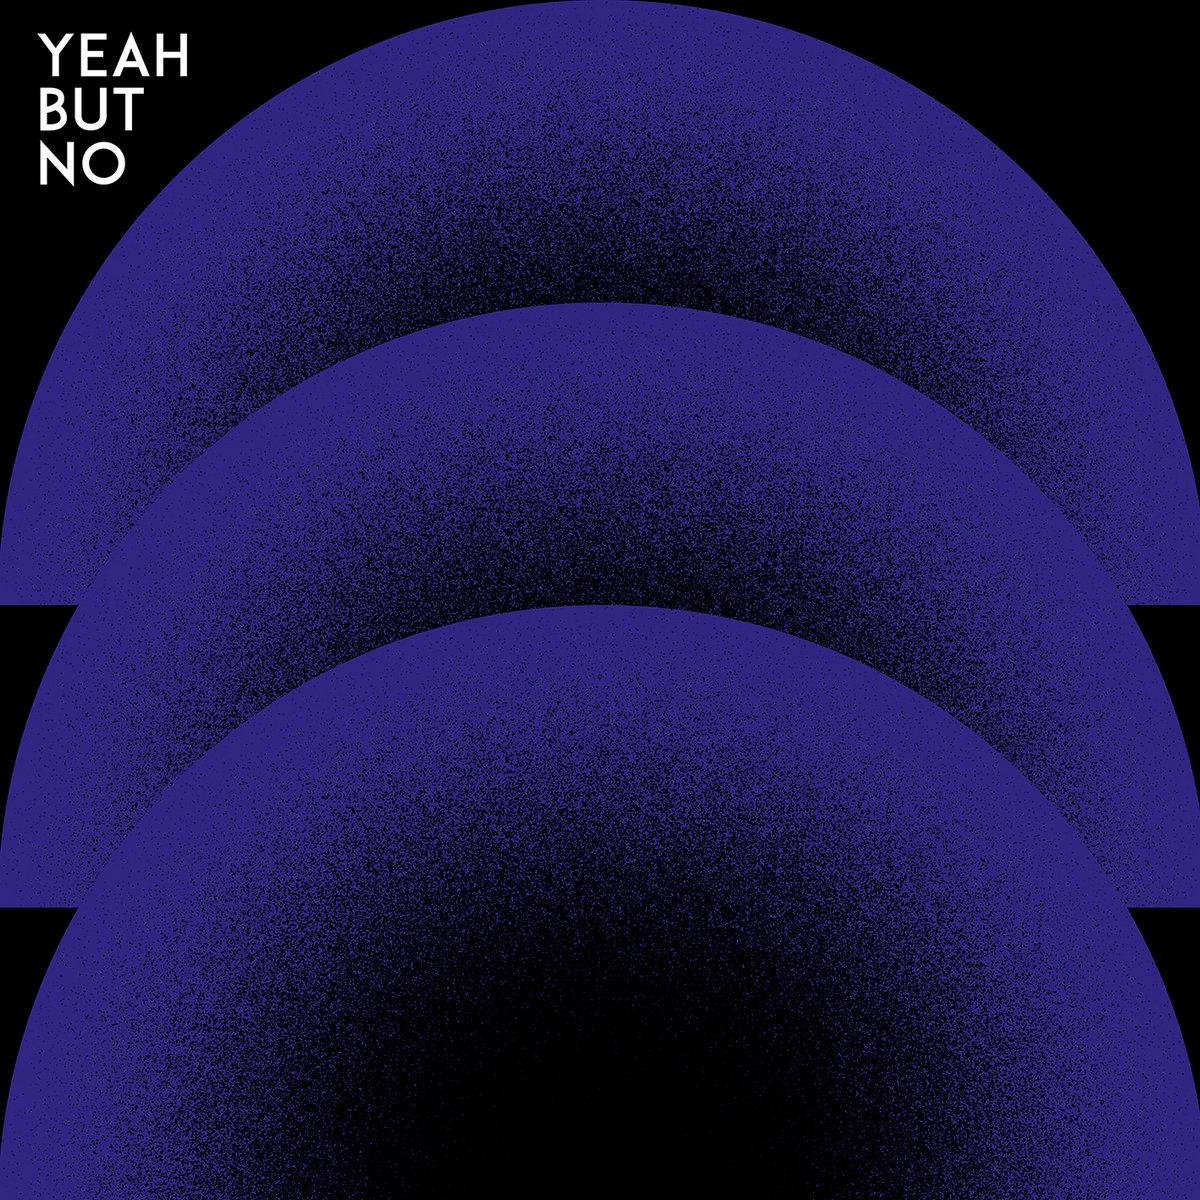 No no no yeah